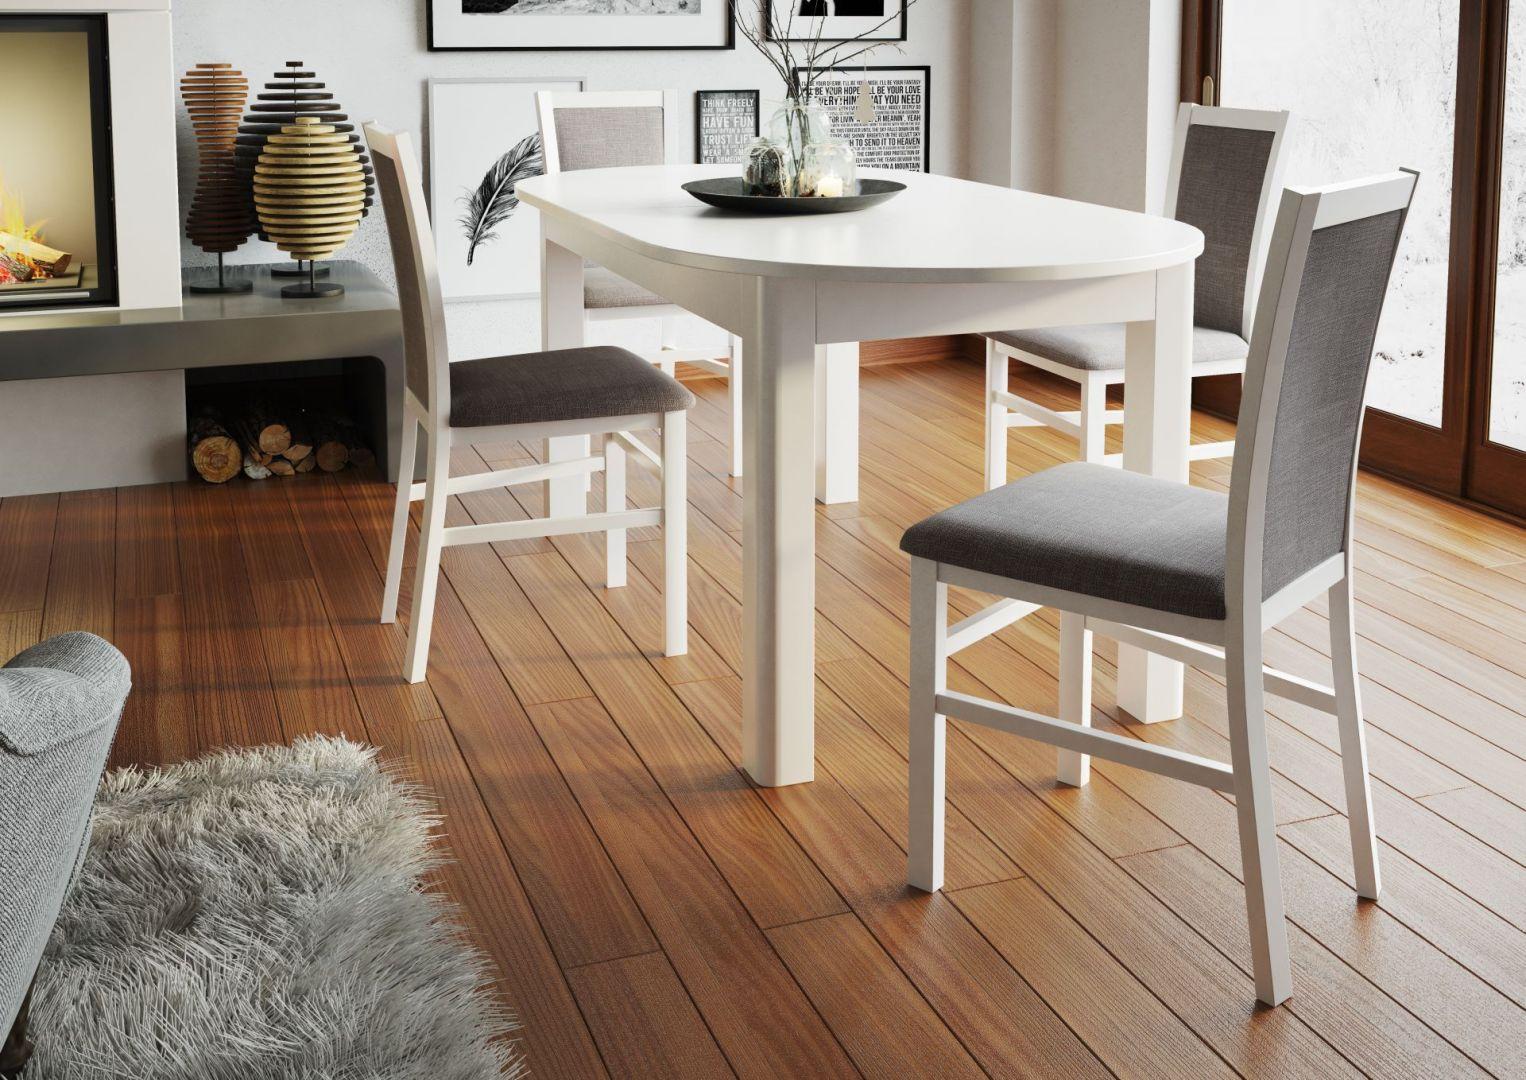 Stół Neptun to ponadczasowy styl i możliwość dopasowania do wnętrza, dzięki trzem modnym kolorom. Fot. Szynaka Meble